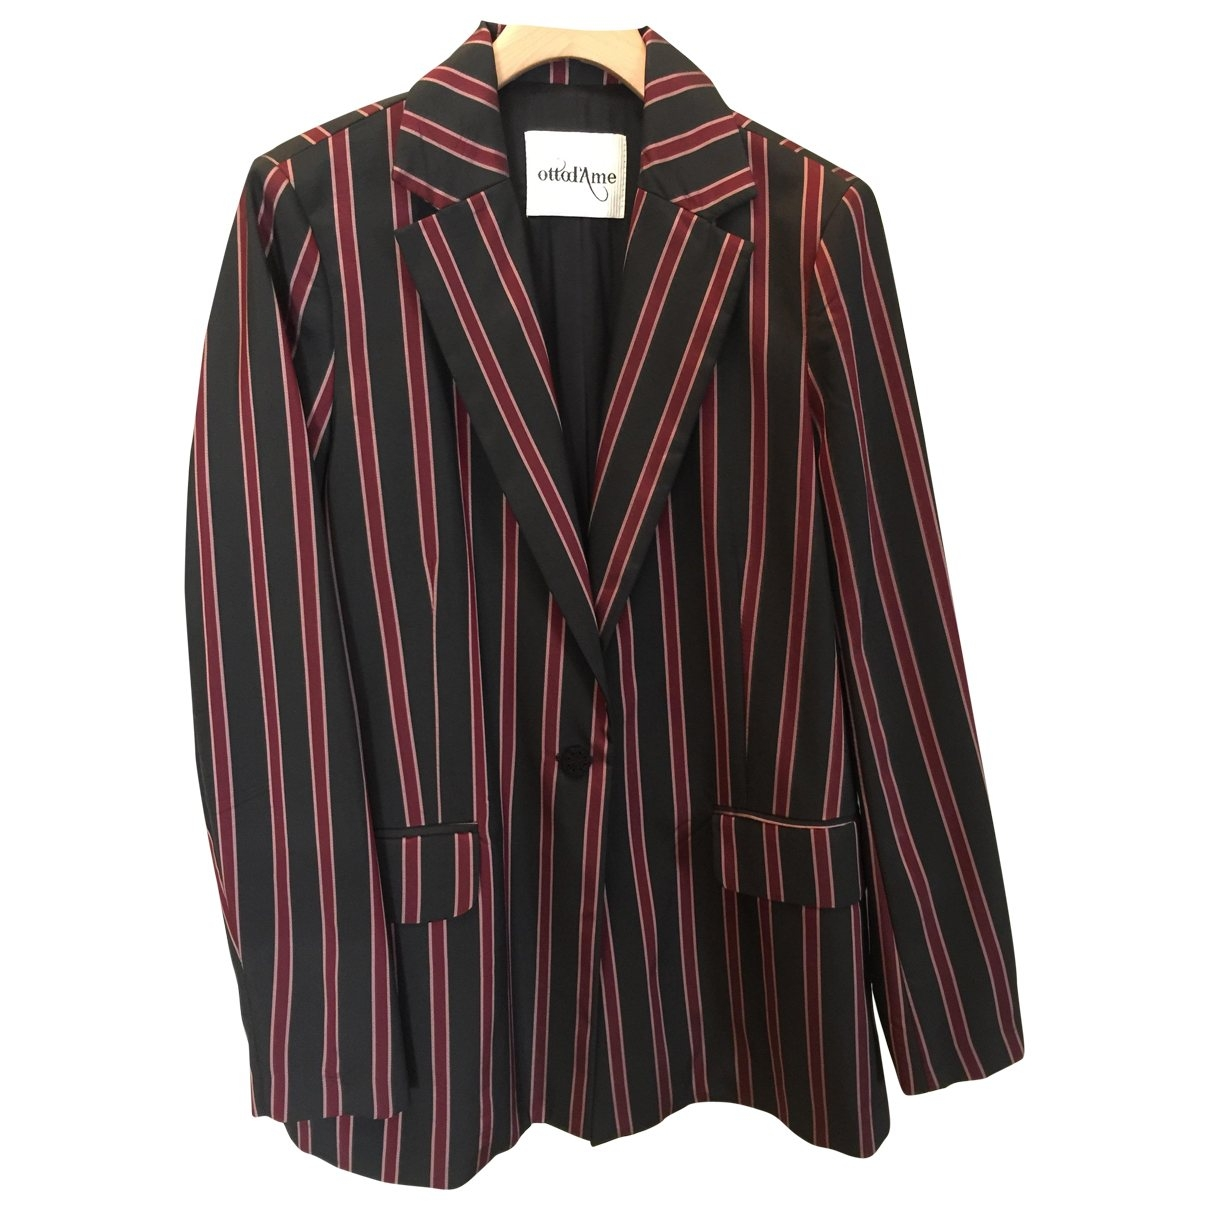 Ottod'ame \N jacket for Women 44 IT